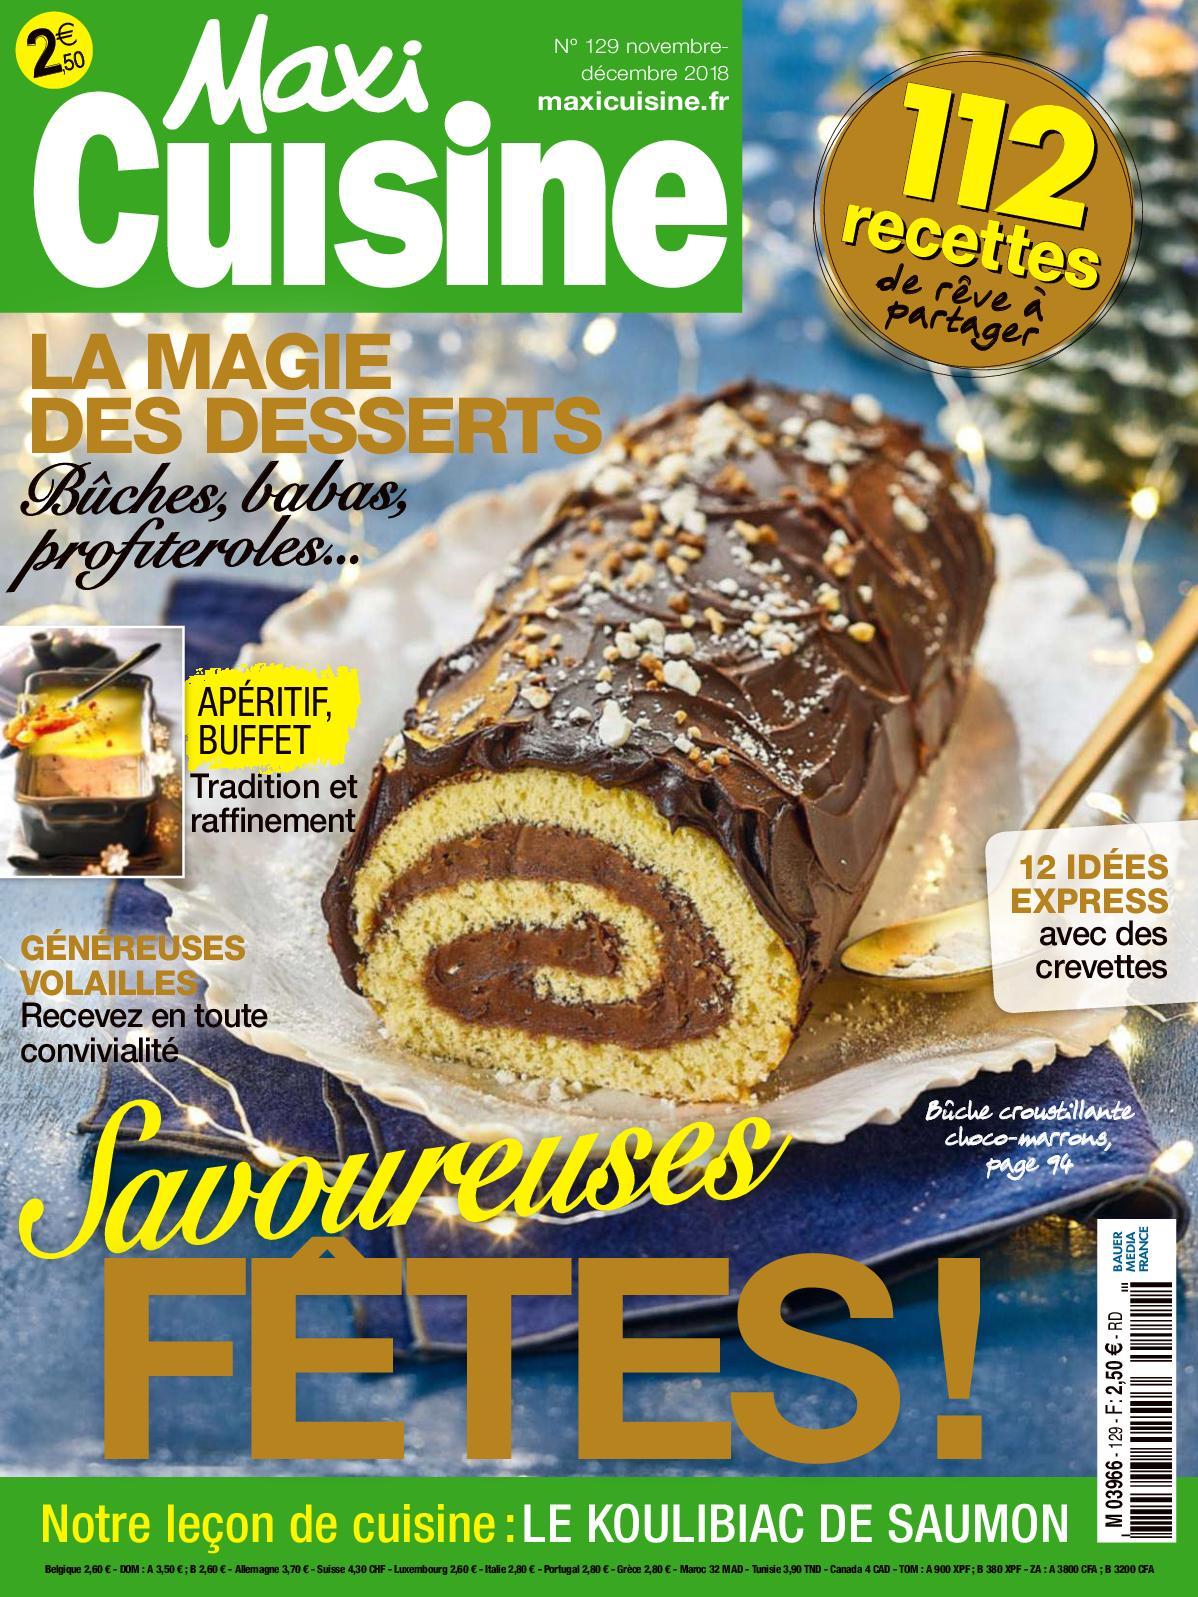 Cuisine Novembre Maxi Calaméo Decembre 2018 NnkX0ZOP8w